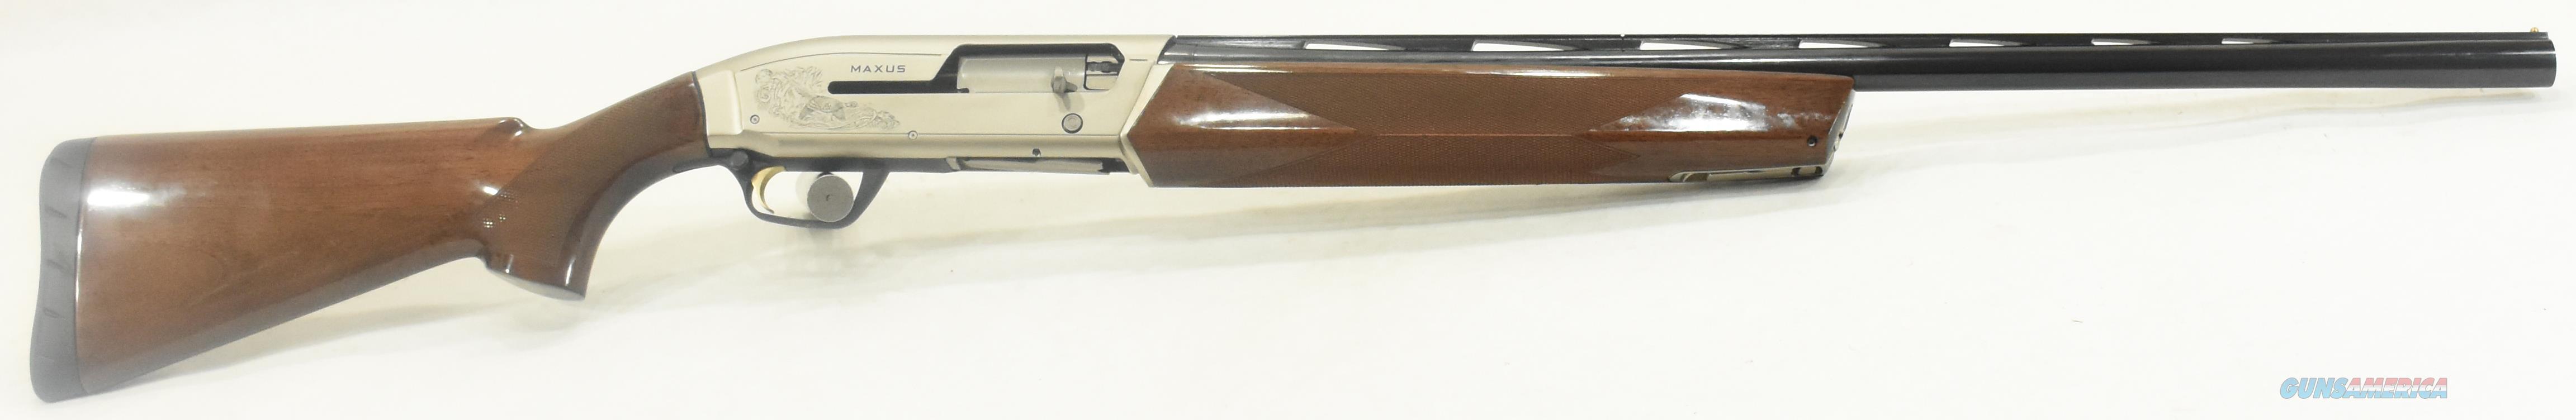 Maxus Hunter 12Ga 26-3In 011608305  Guns > Shotguns > Browning Shotguns > Autoloaders > Hunting